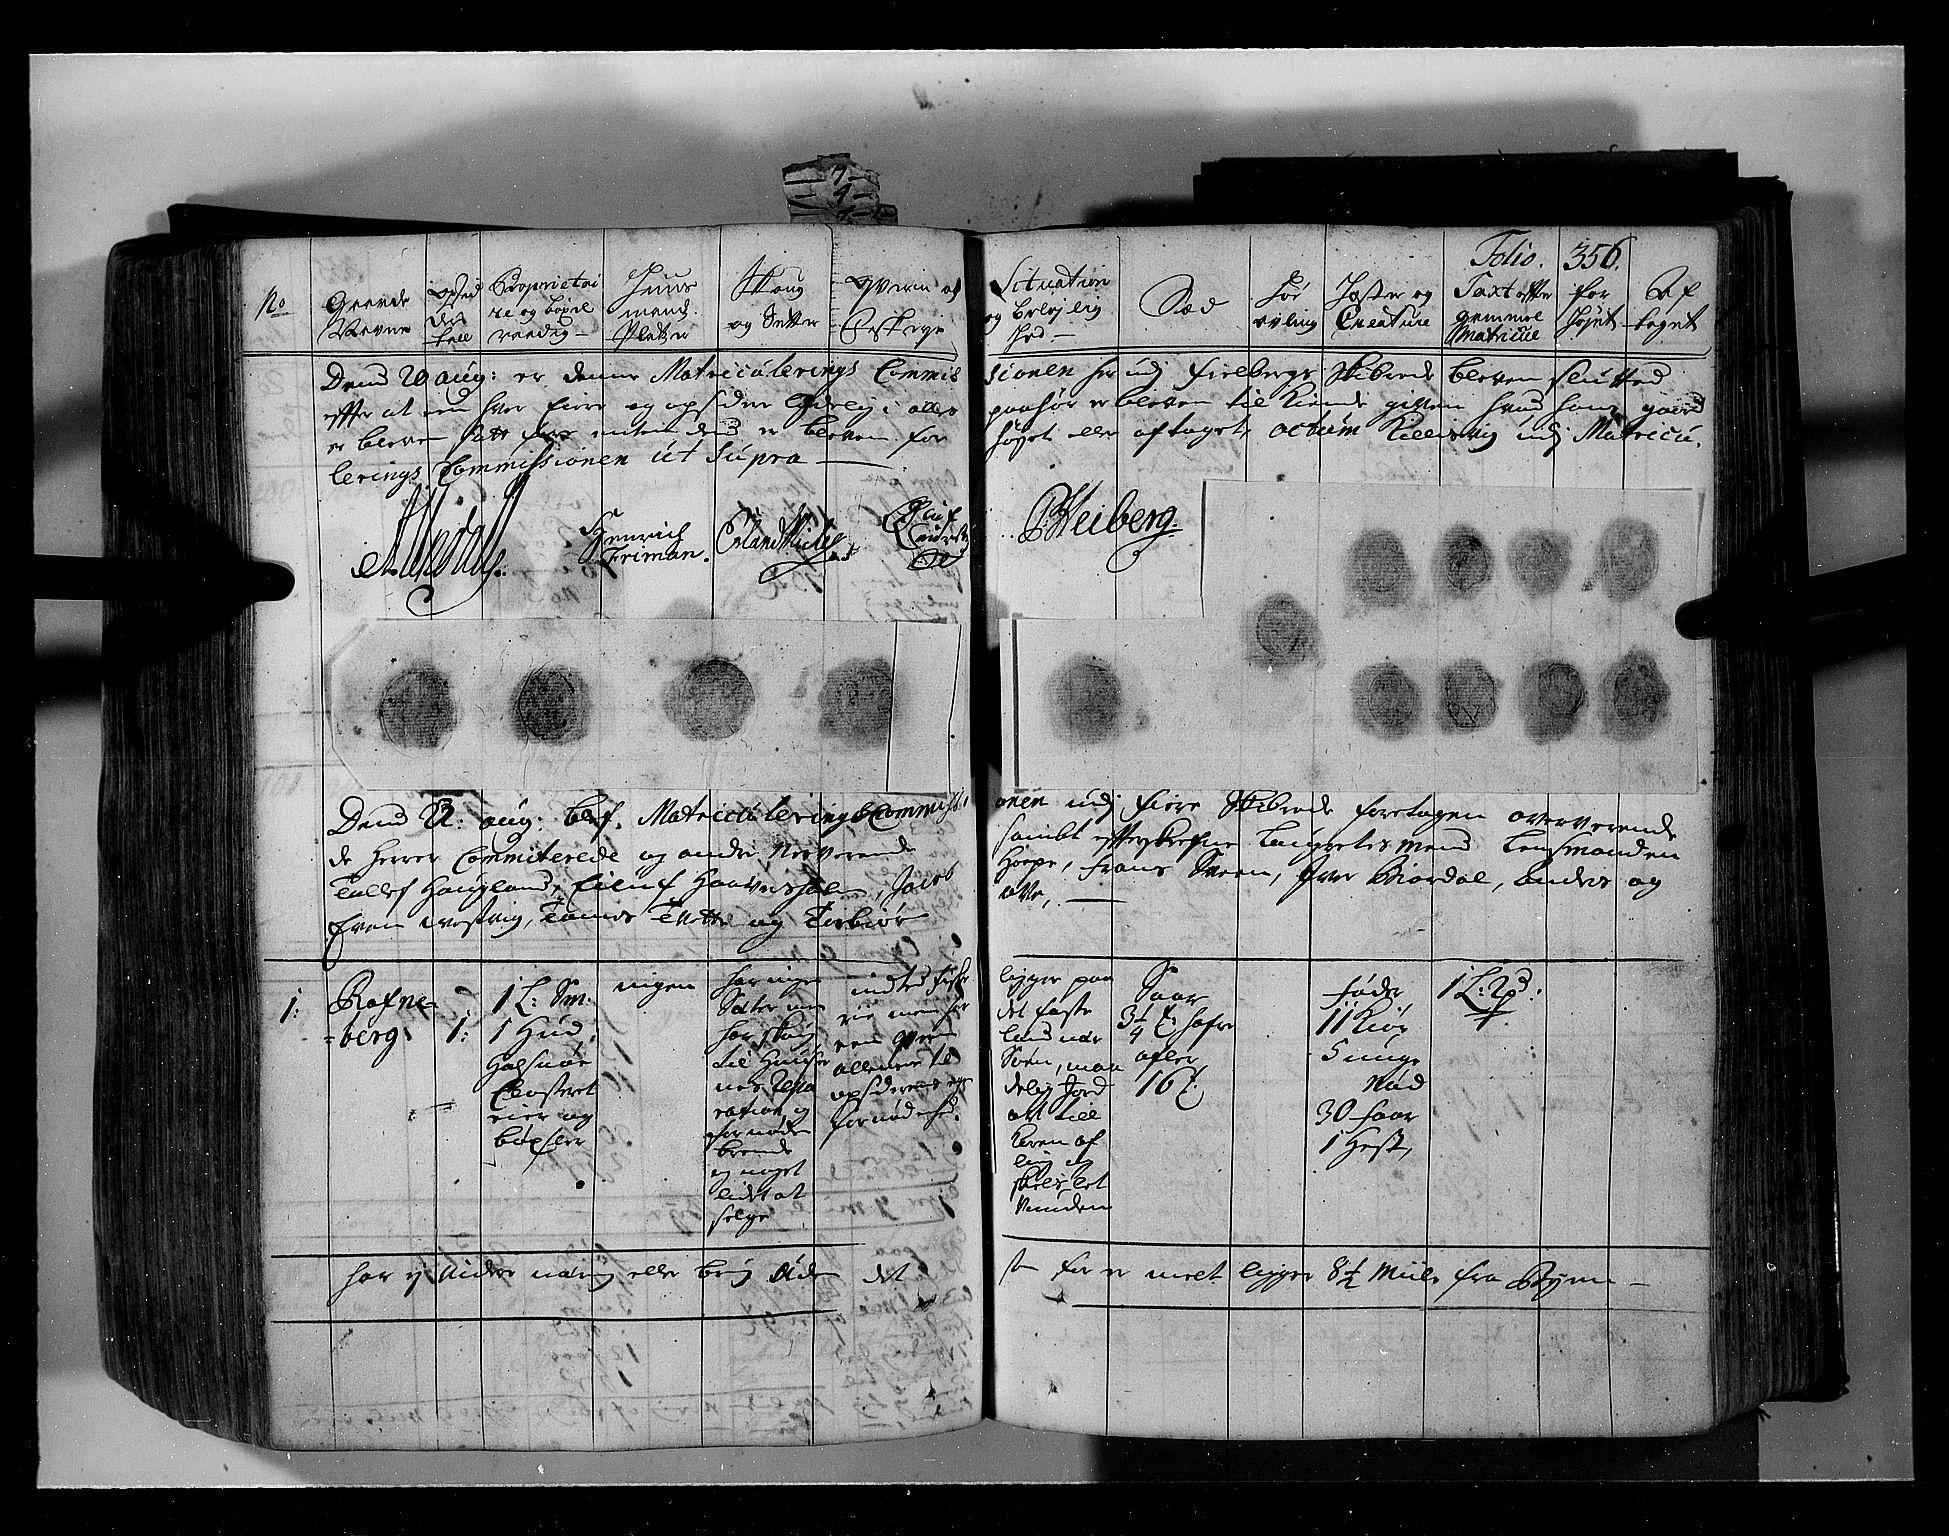 RA, Rentekammeret inntil 1814, Realistisk ordnet avdeling, N/Nb/Nbf/L0134: Sunnhordland eksaminasjonsprotokoll, 1723, s. 355b-356a